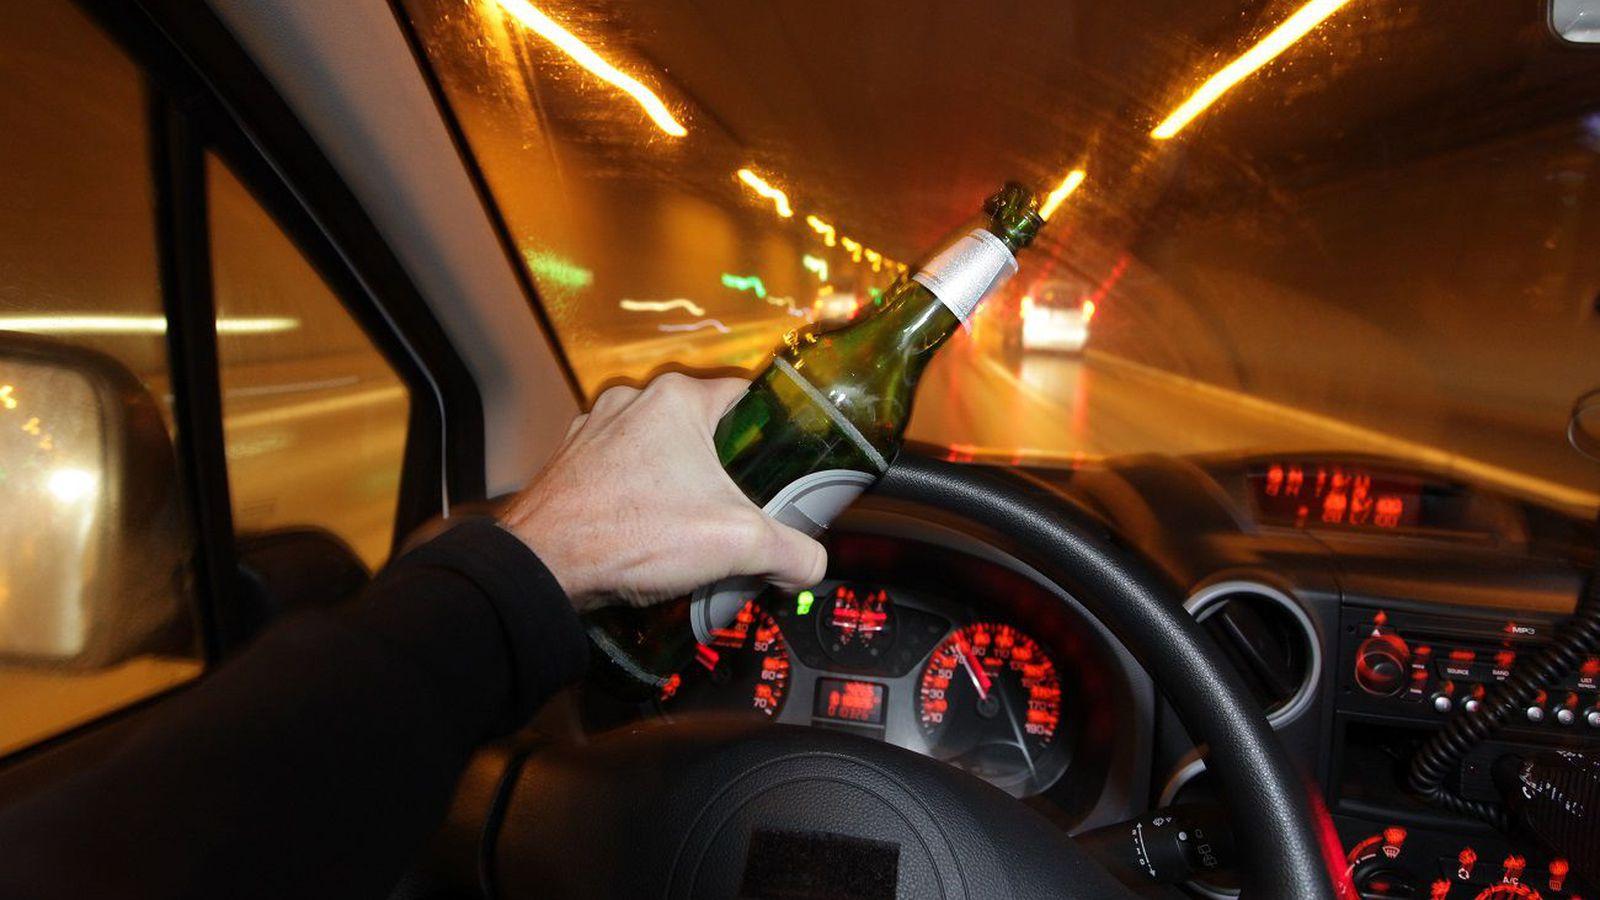 В Тверской области мужчина повторно сел за руль автомобиля нетрезвым и был осужден